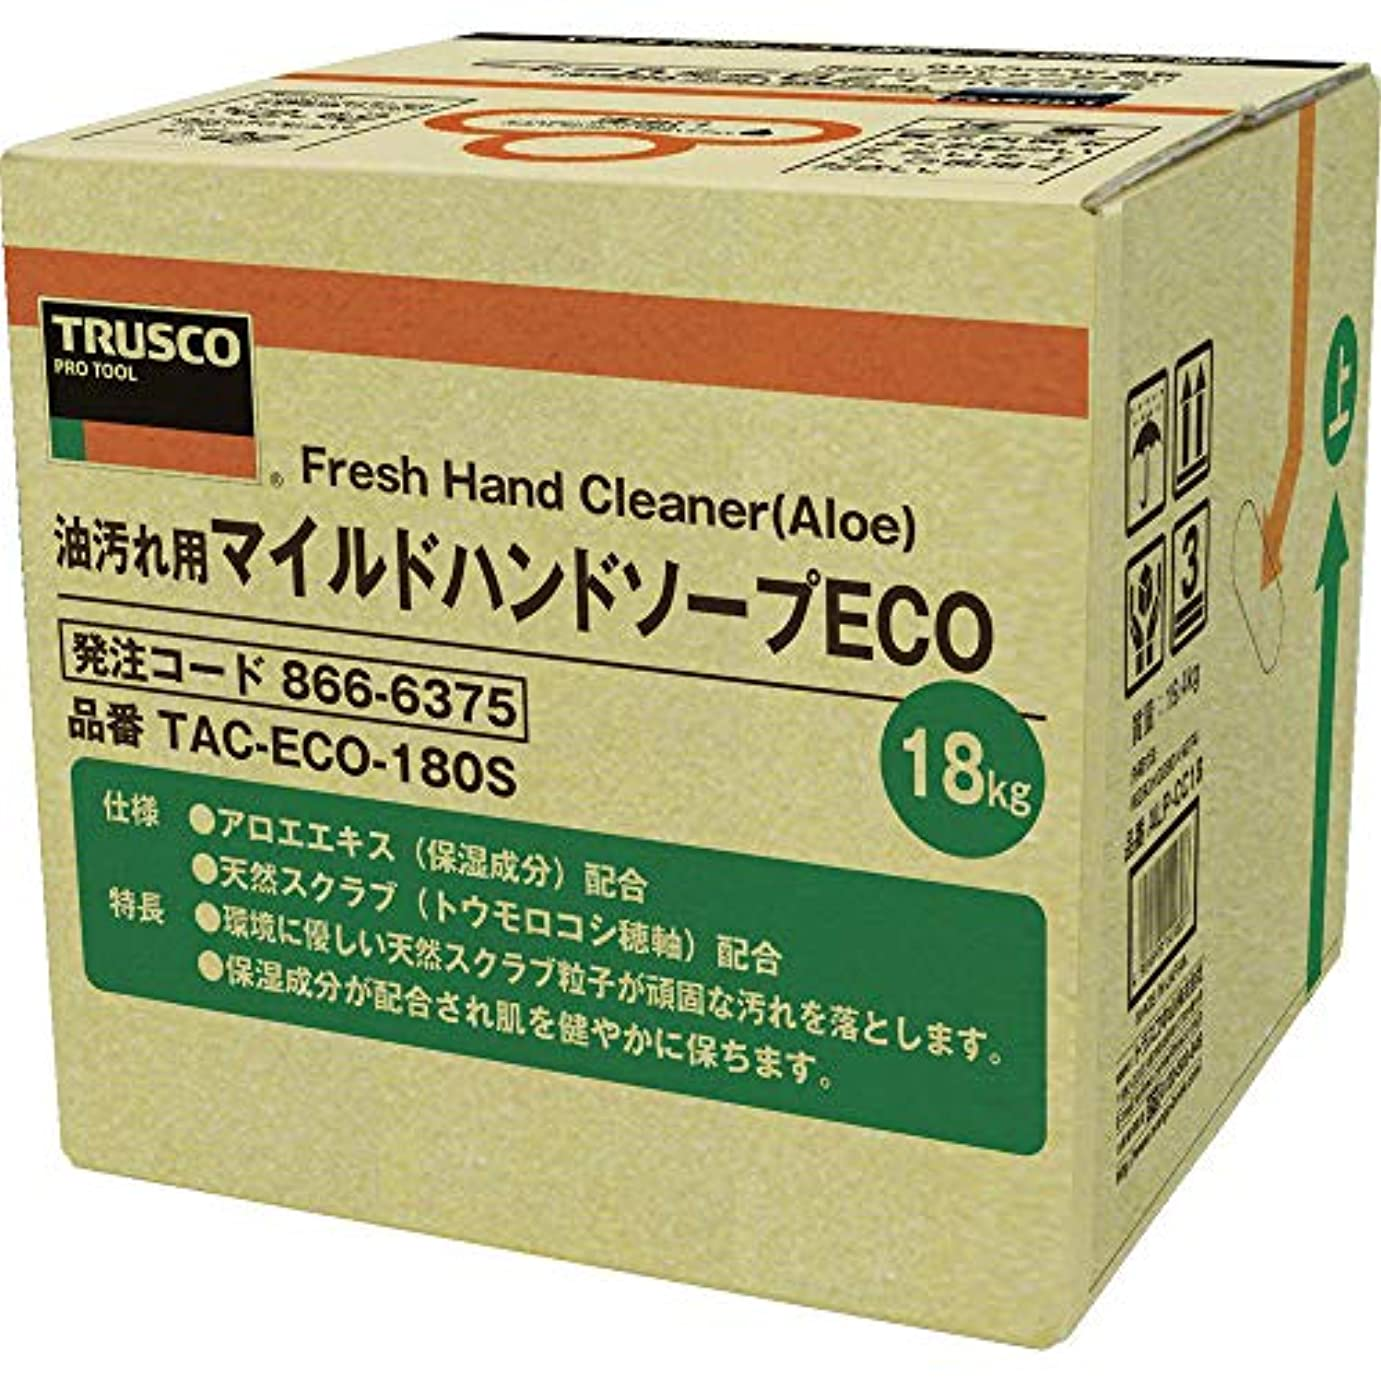 賞棚美徳TRUSCO(トラスコ) マイルドハンドソープ ECO 18L 詰替 バッグインボックス TACECO180S